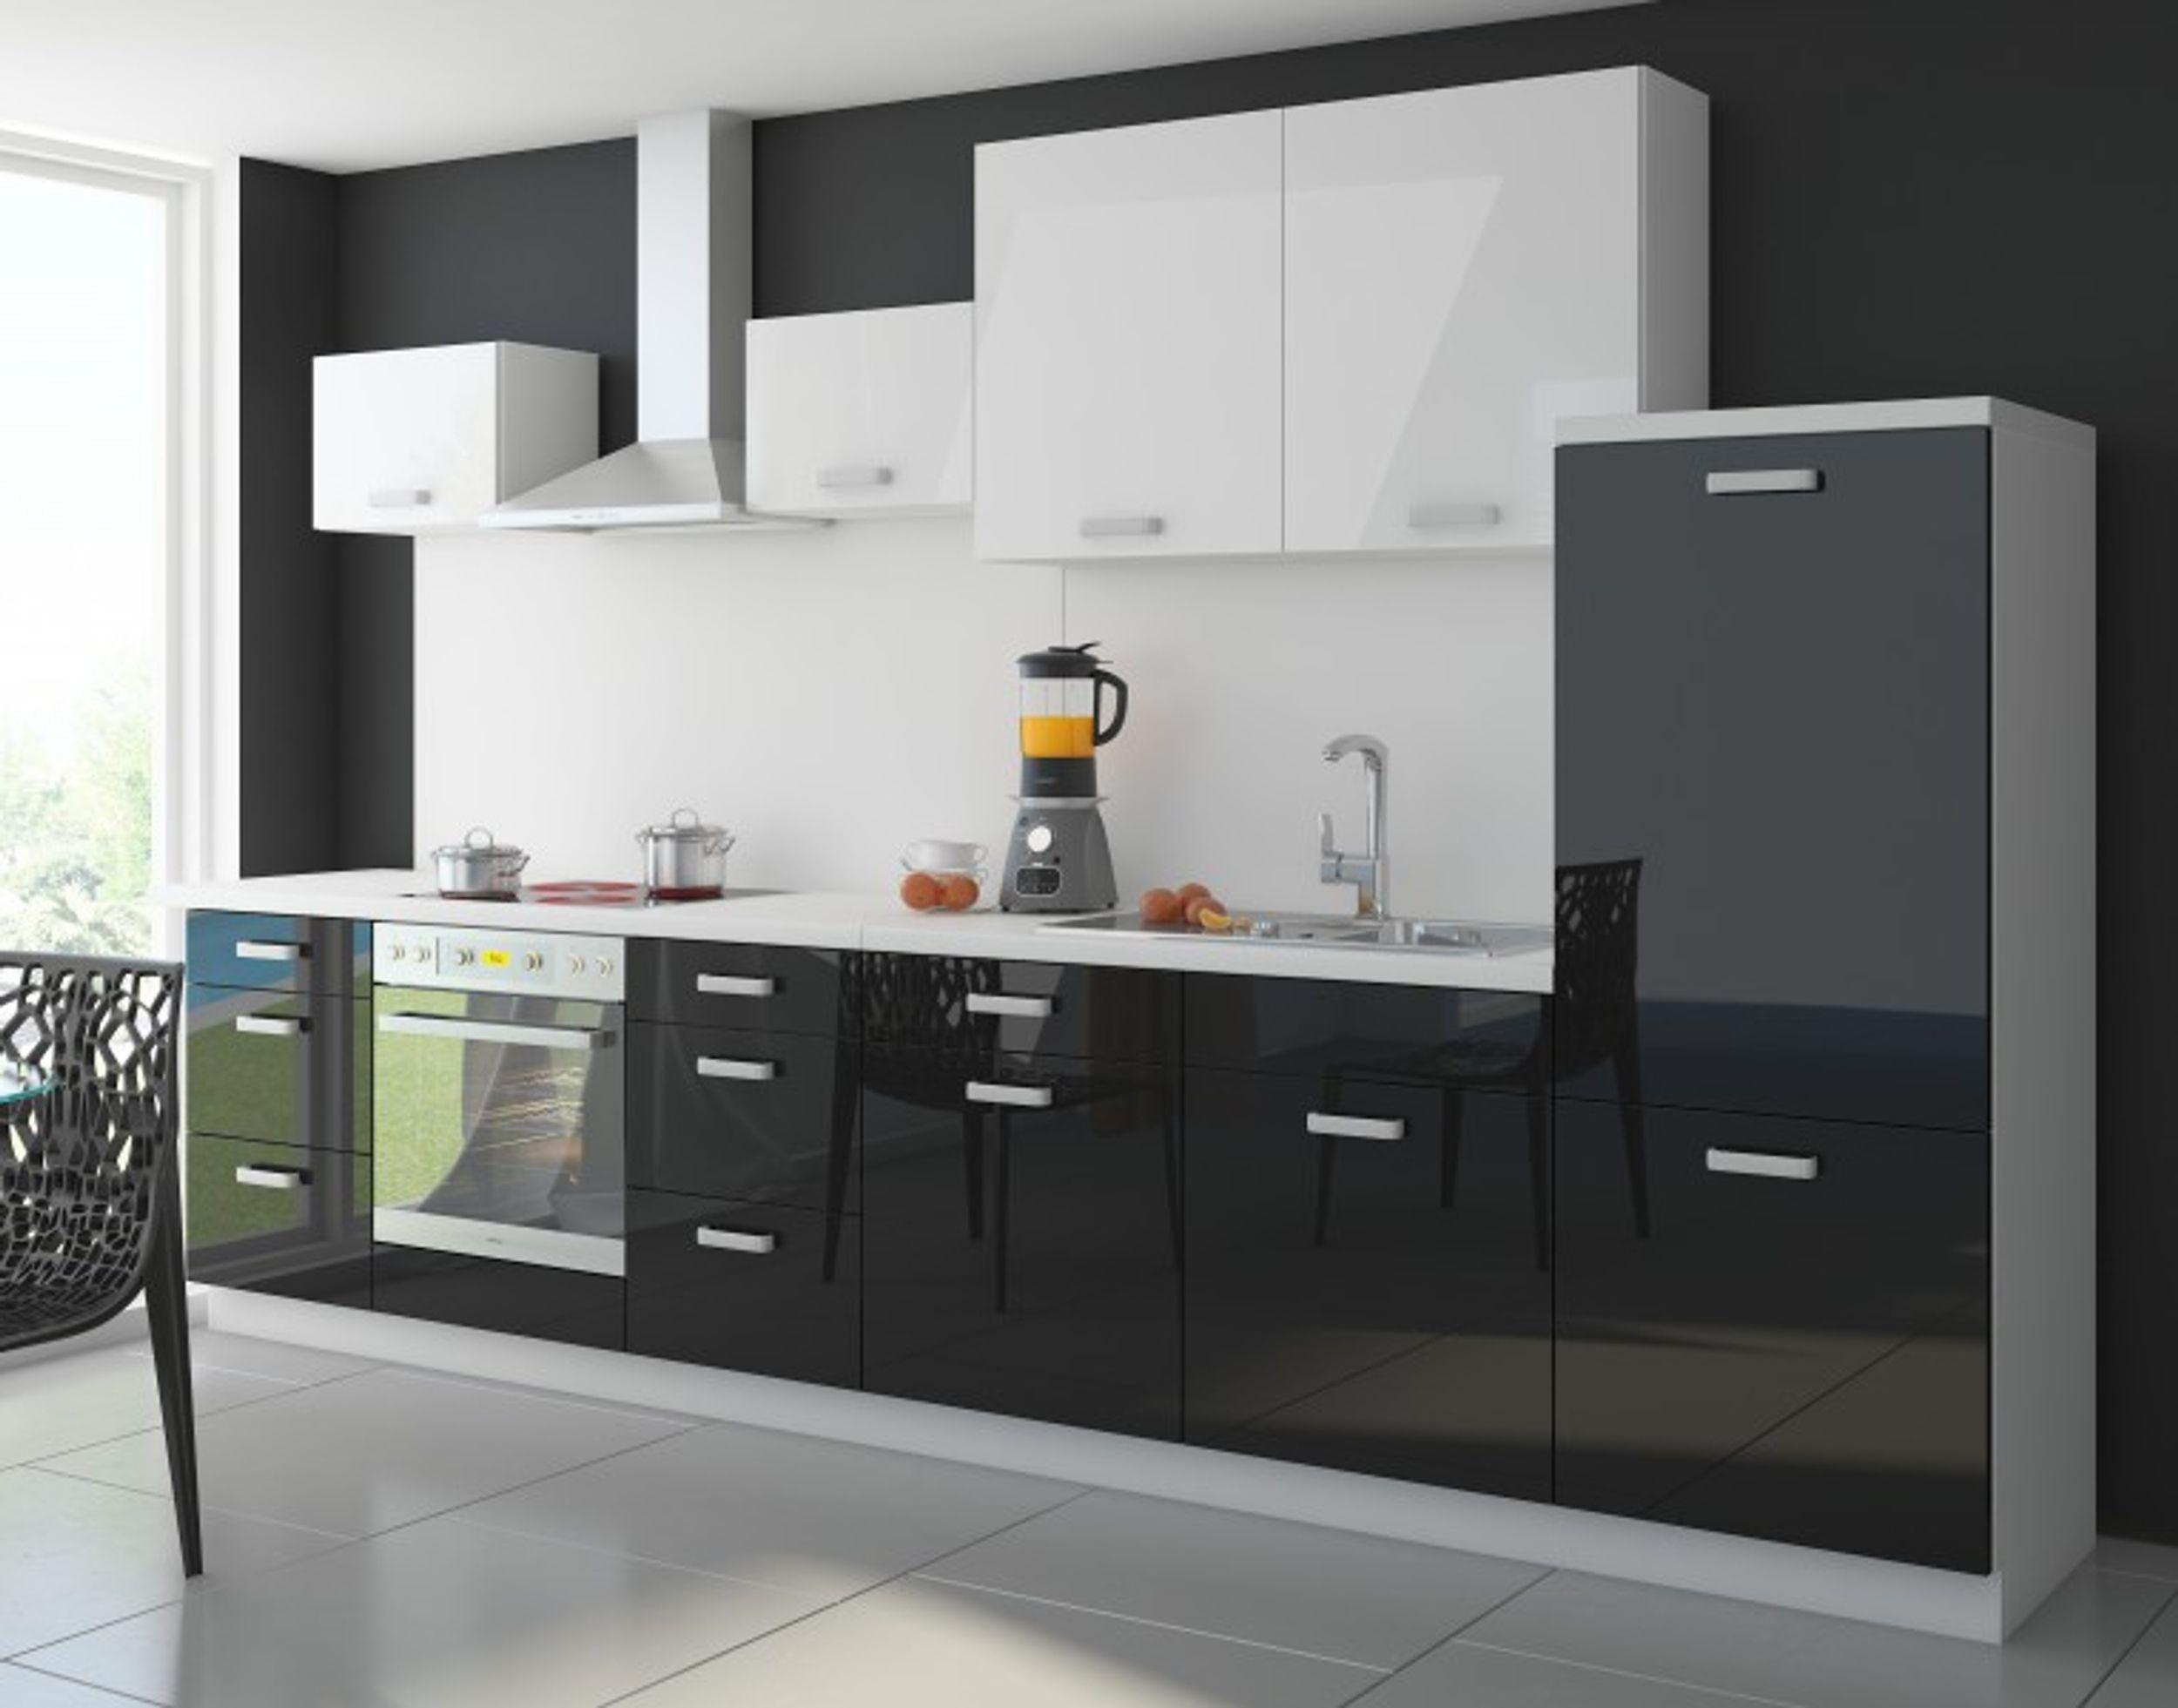 Details zu Küche Color 340cm Küchenzeile Küchenblock Einbauküche in  Hochglanz Schwarz/Weiss